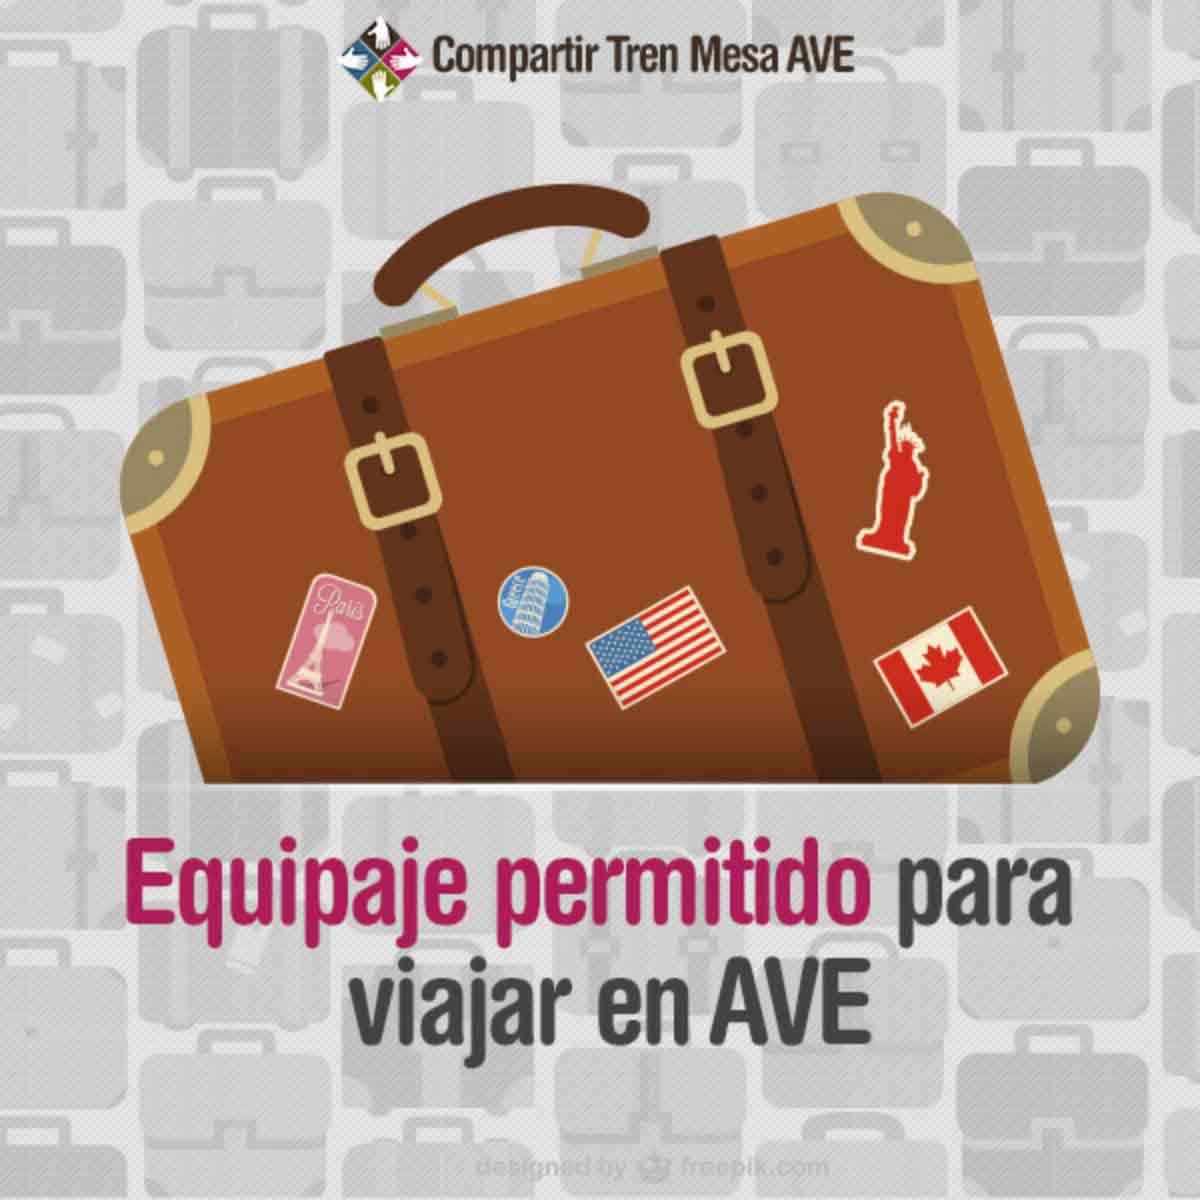 ¿Qué equipaje está permitido para viajar en AVE?